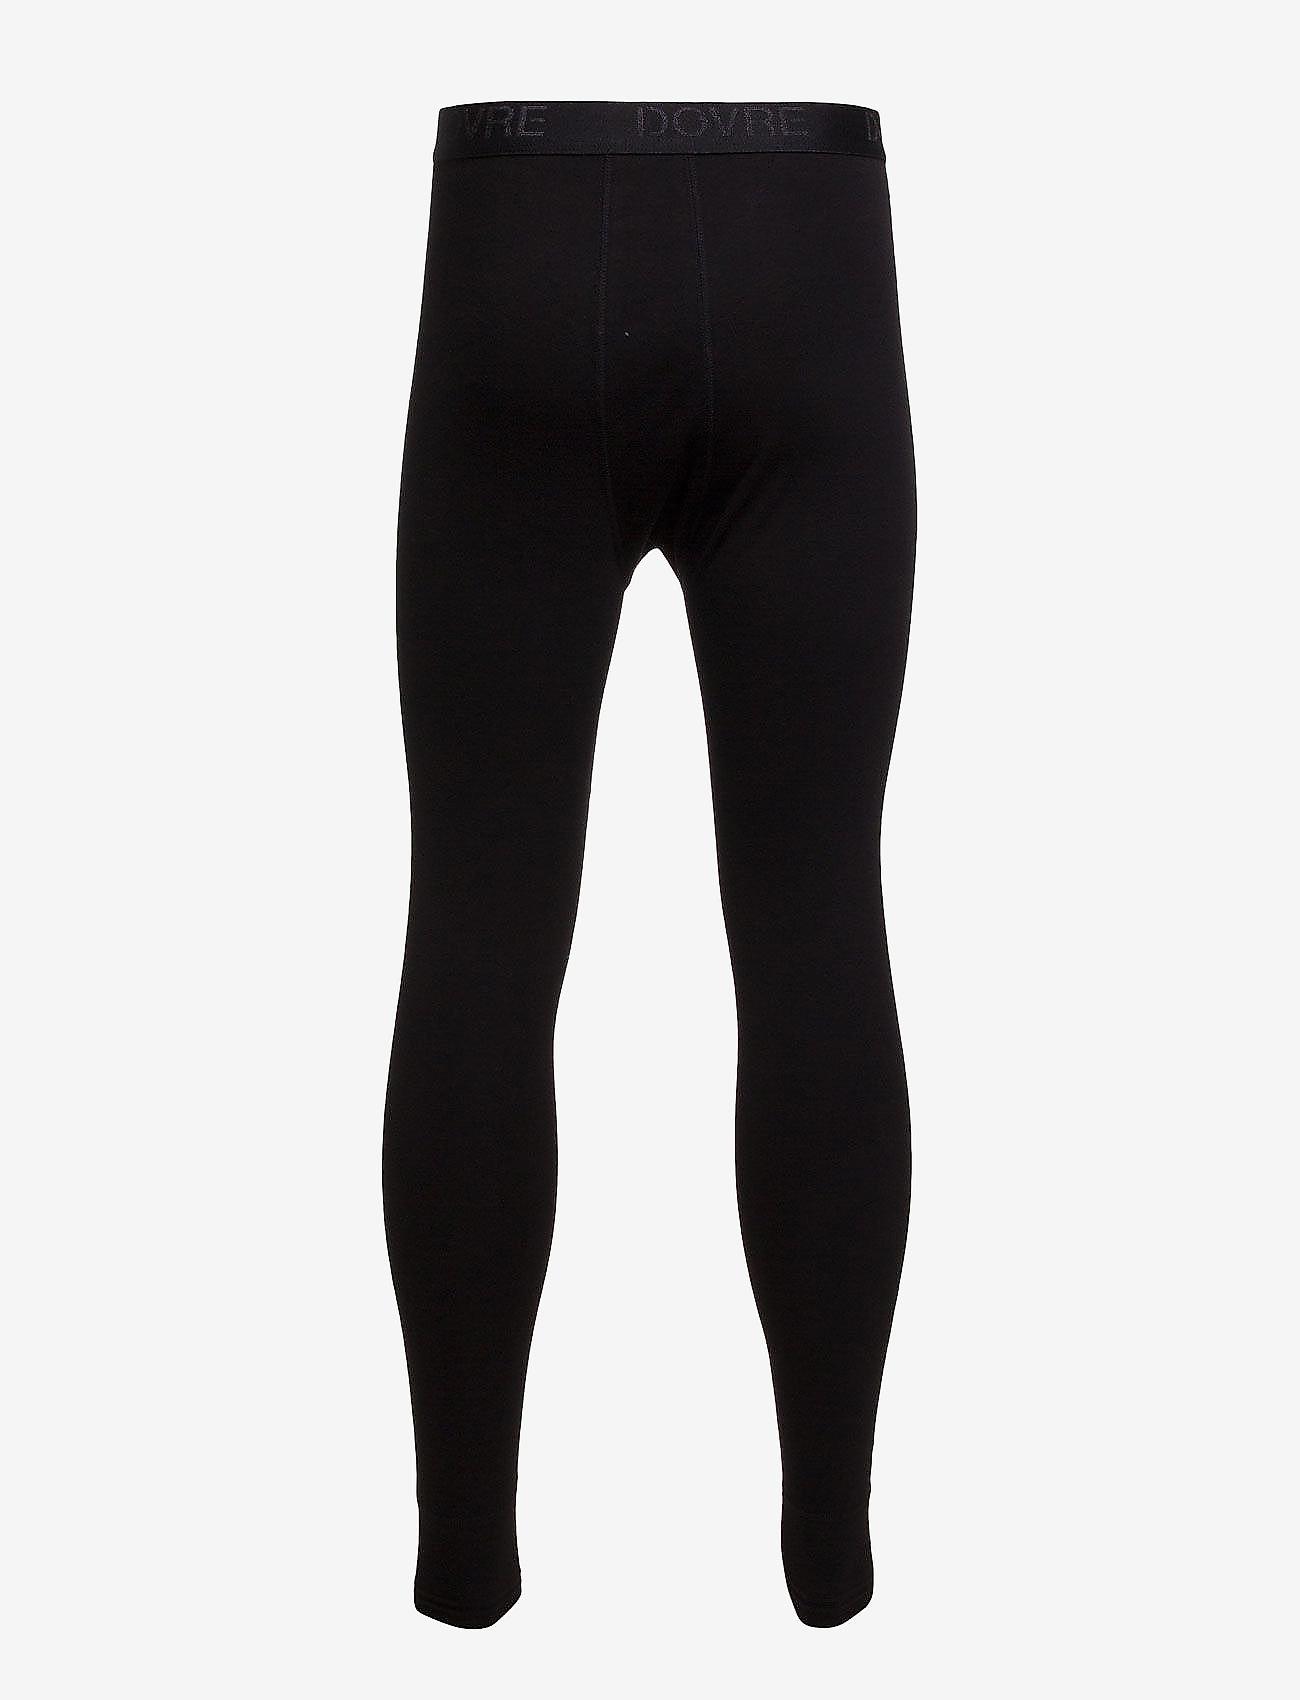 Dovre - Benklæde m/lang ben og gylp - base layer bottoms - black - 1